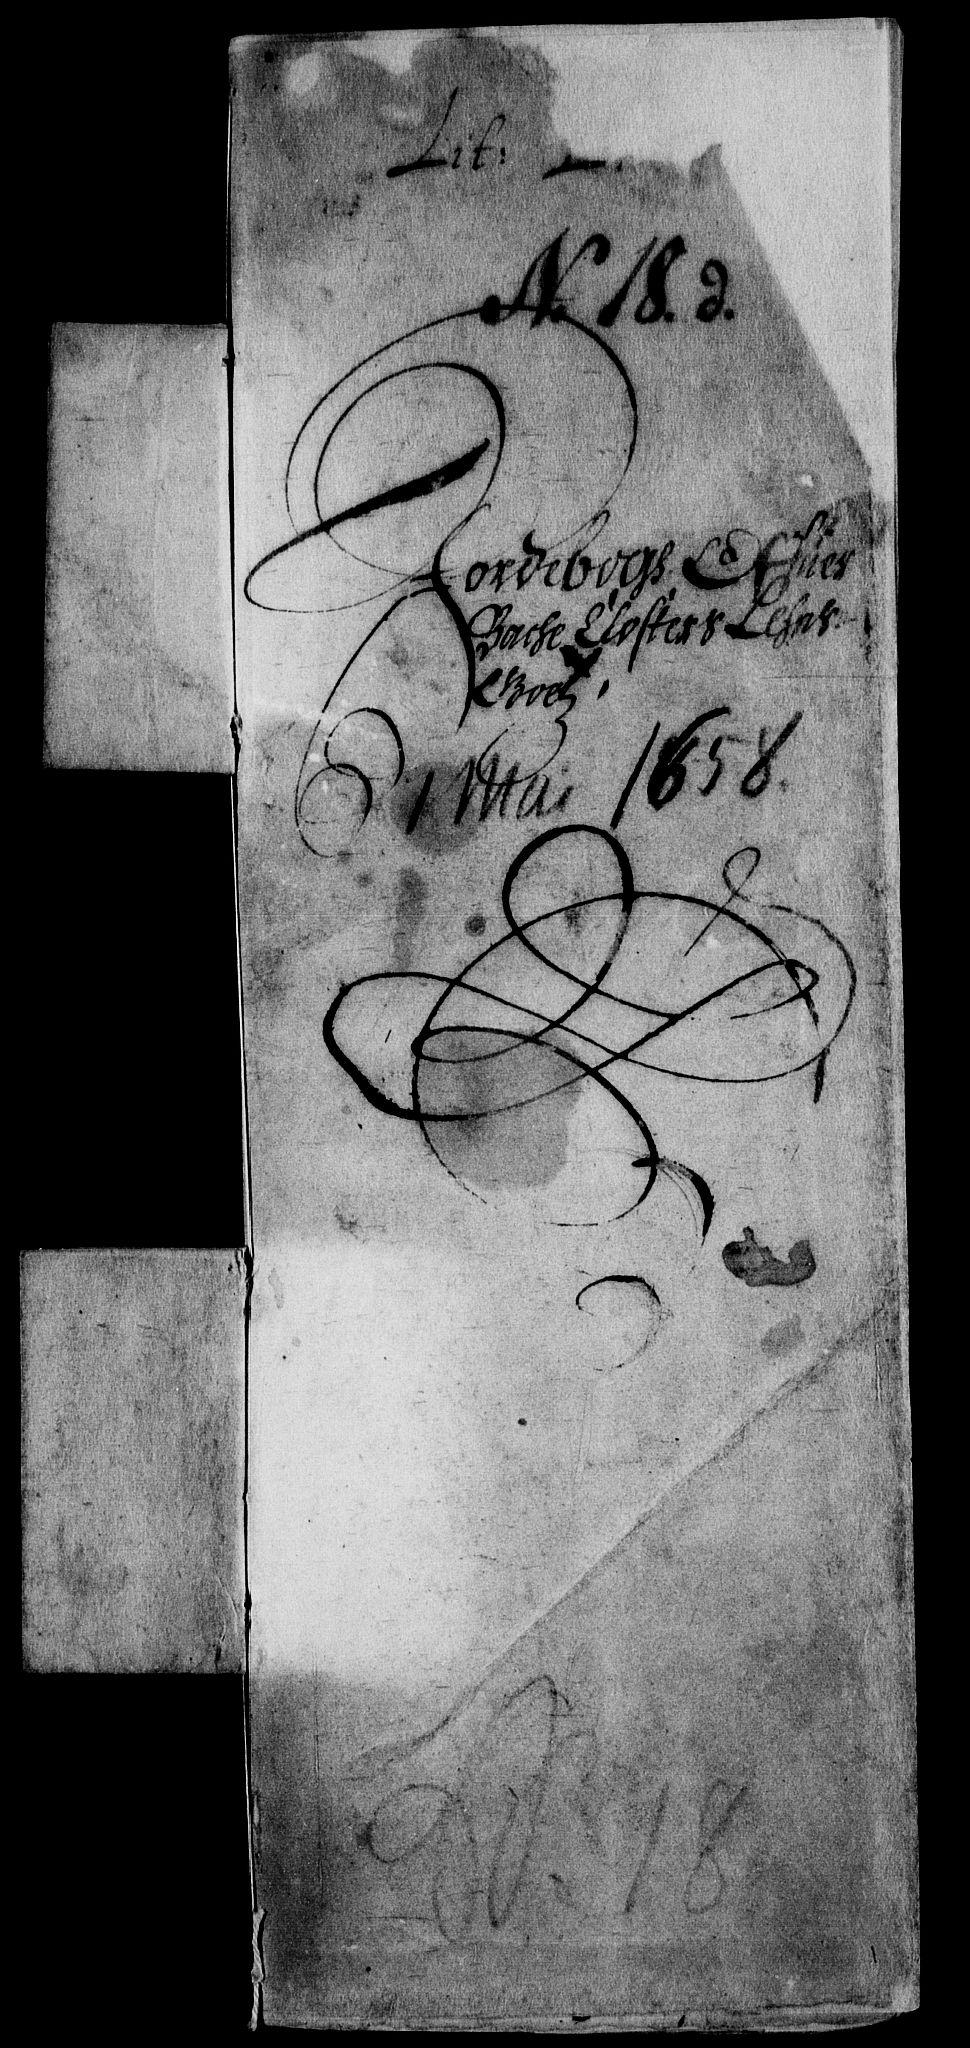 RA, Rentekammeret inntil 1814, Realistisk ordnet avdeling, On/L0006: [Jj 7]: Jordebøker og dokumenter over det sekulariserte kirke- og klostergodset:, 1658-1682, s. 2